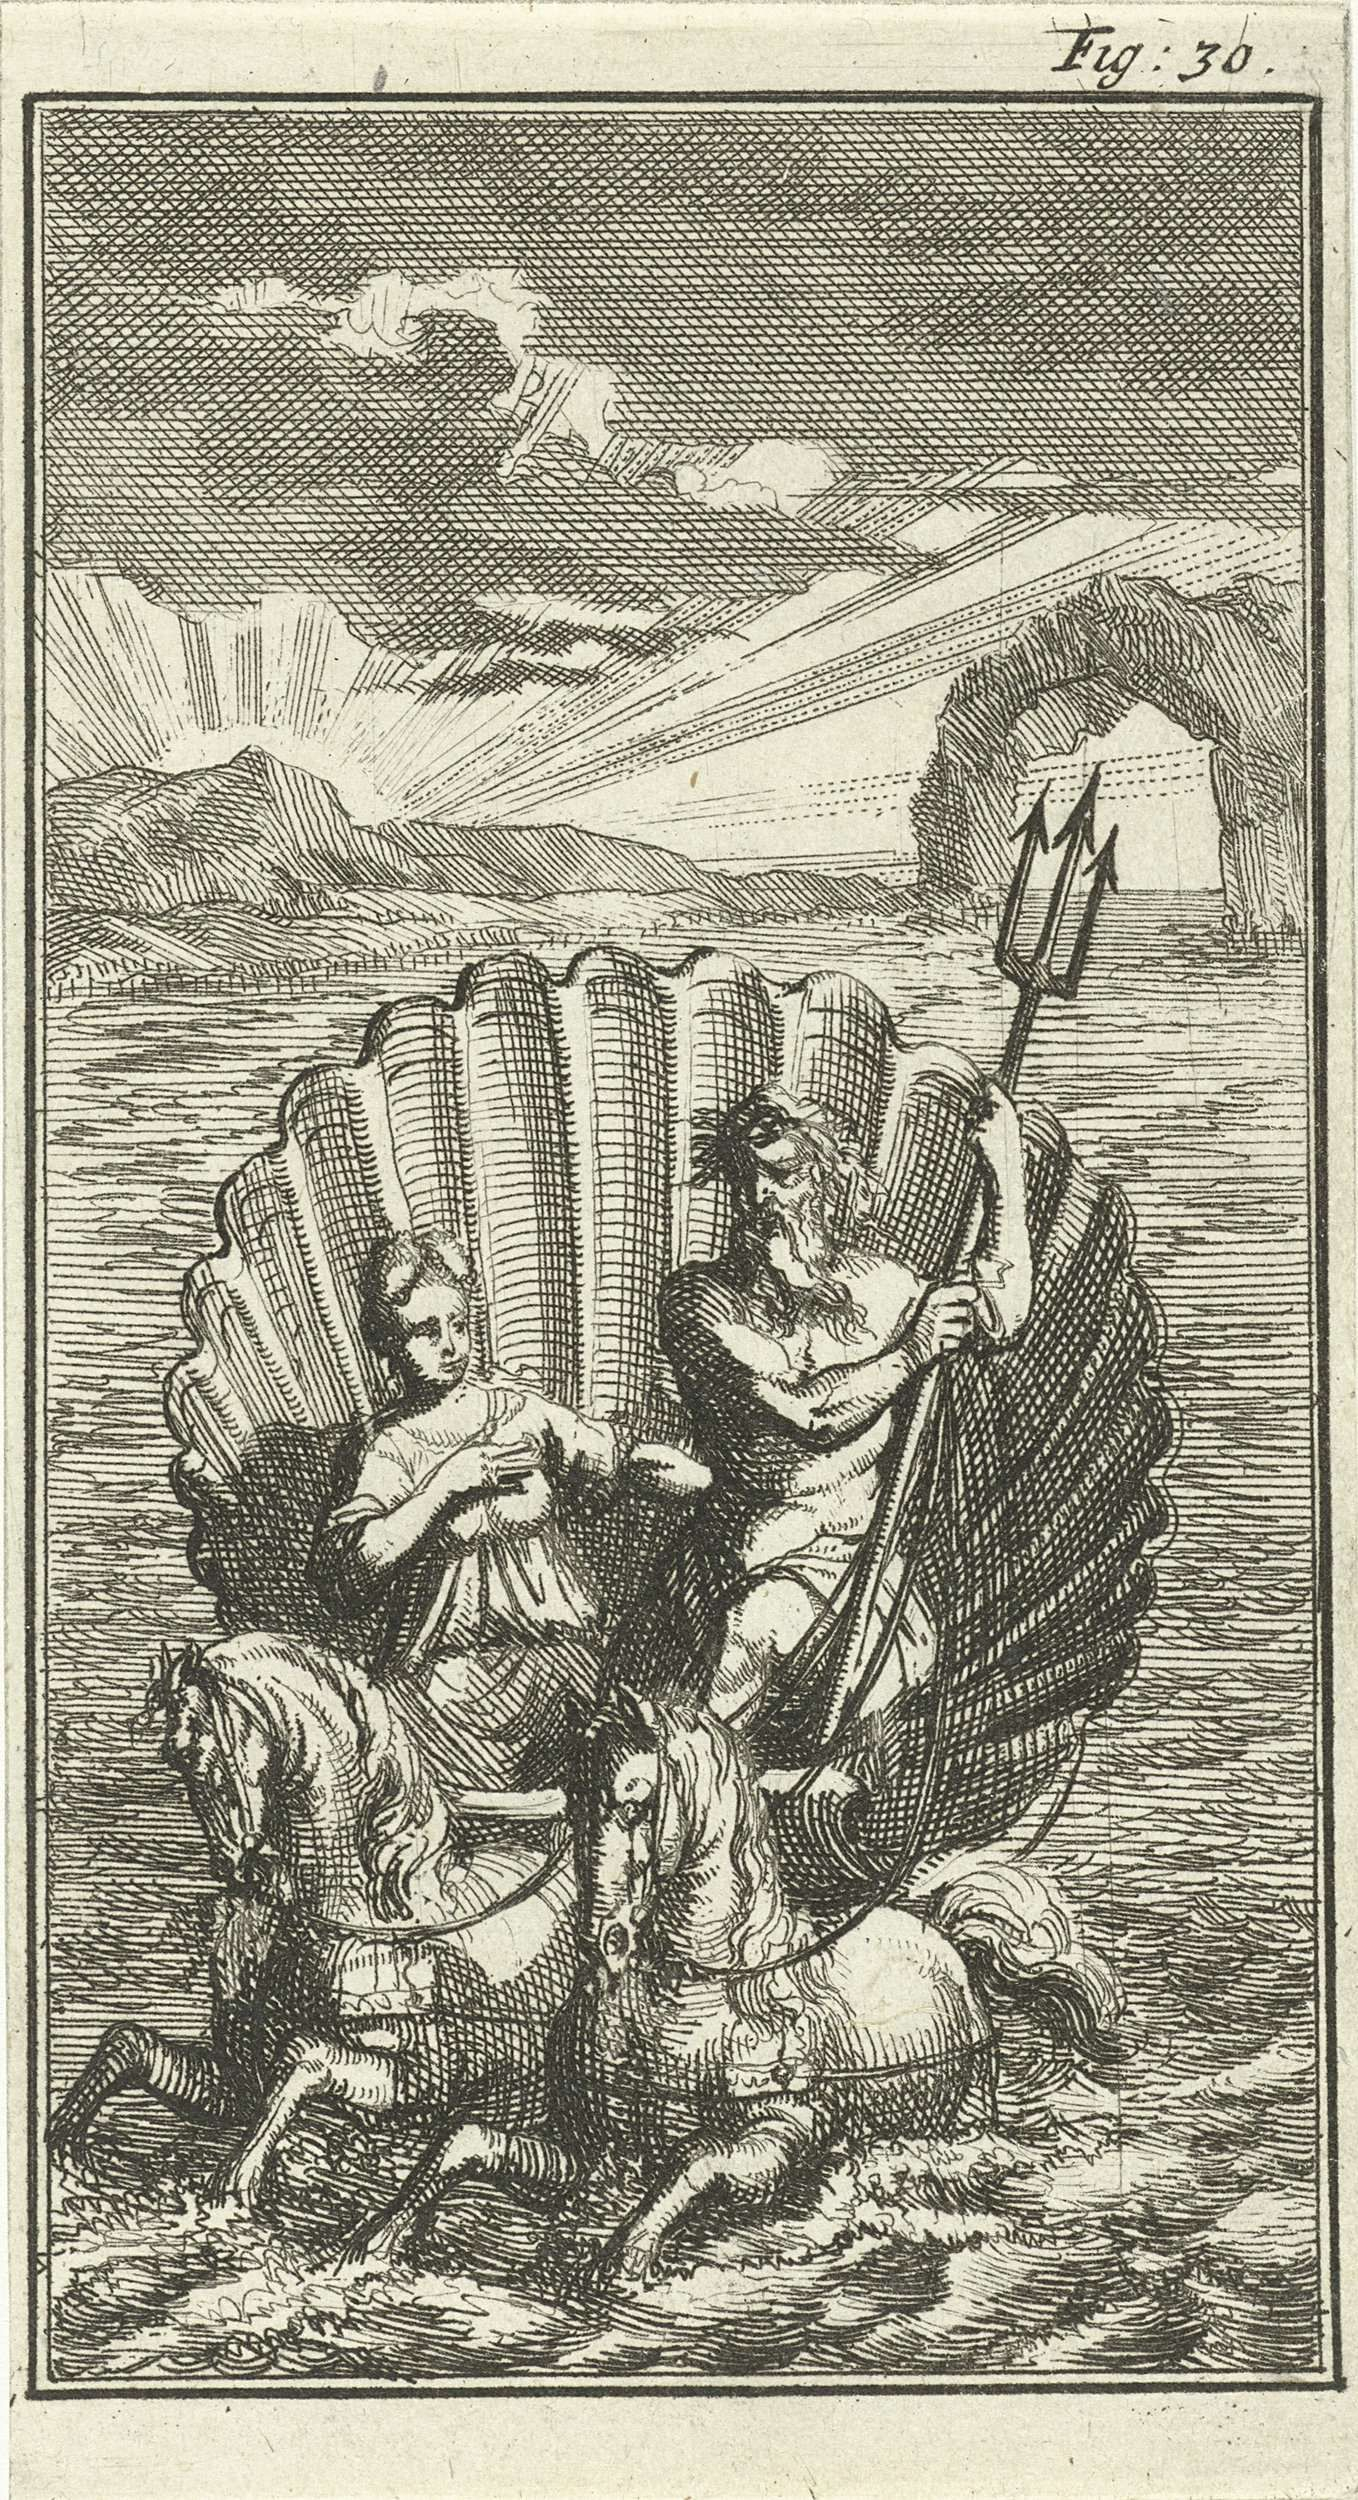 Jan Luyken | Neptunus en Amphitrite op een schelp voortgetrokken door zeepaarden, Jan Luyken, Barent Beeck, 1691 | Prent rechtsboven gemerkt: Fig. 30.